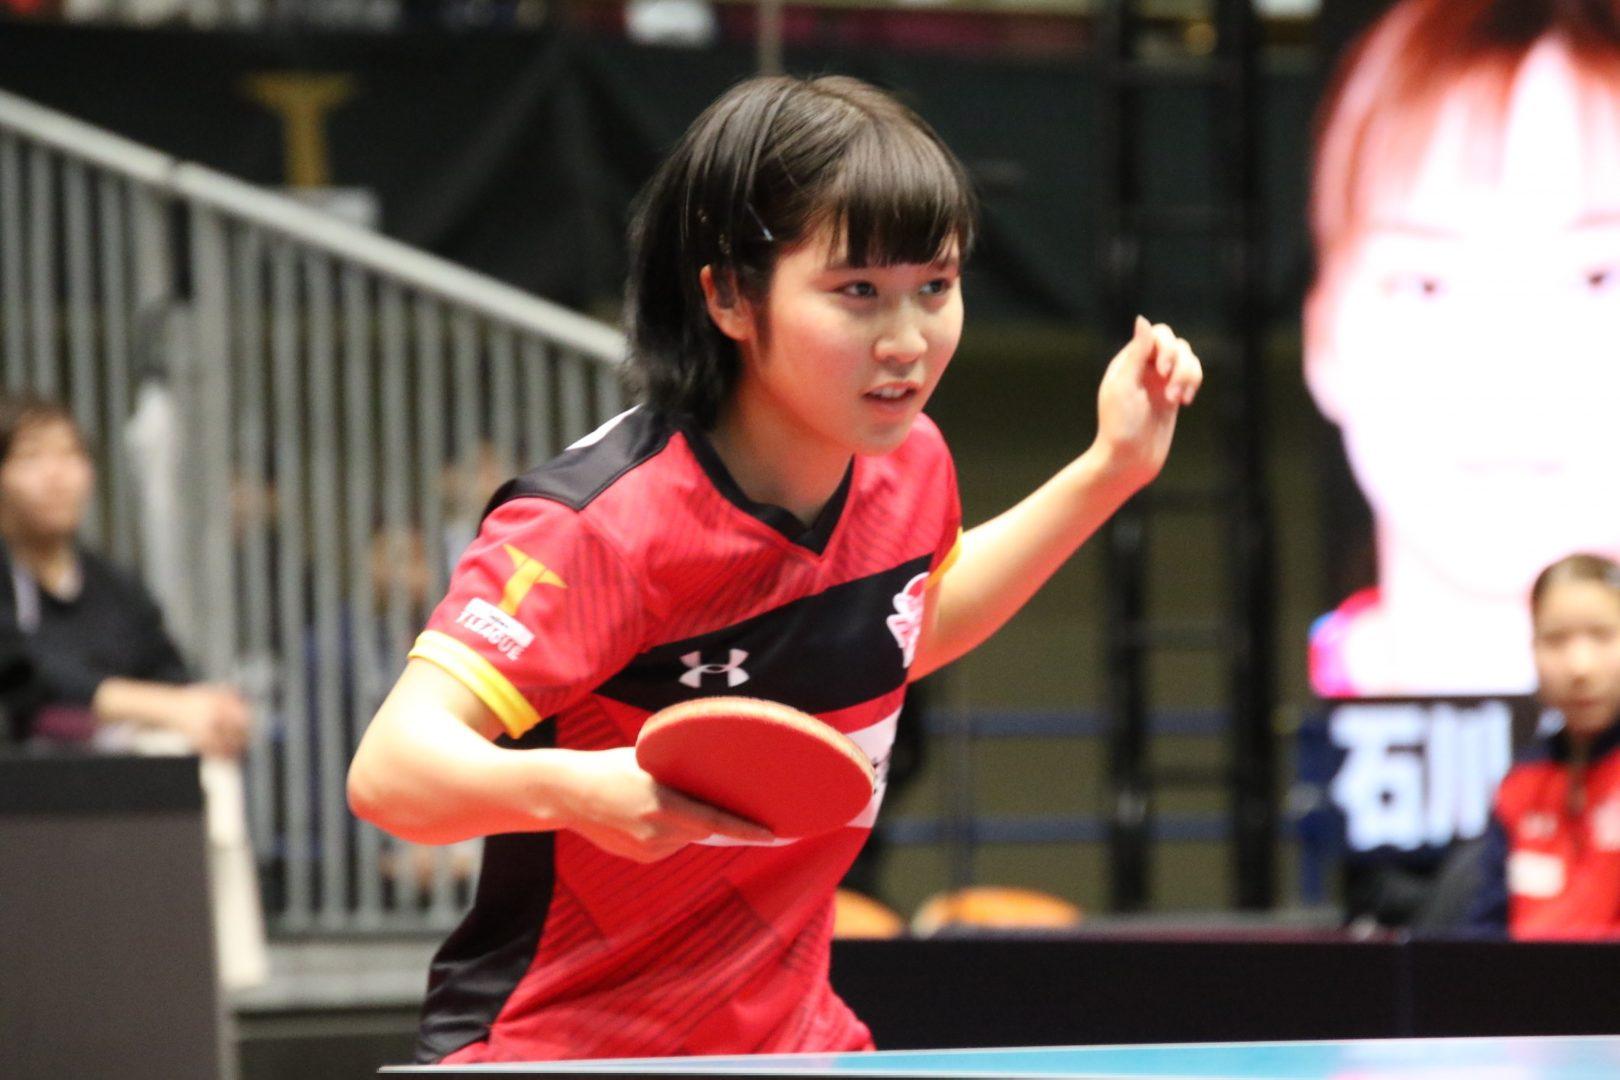 【速報・卓球Tリーグ】日本生命、名古屋に勝利でファイナル進出決定